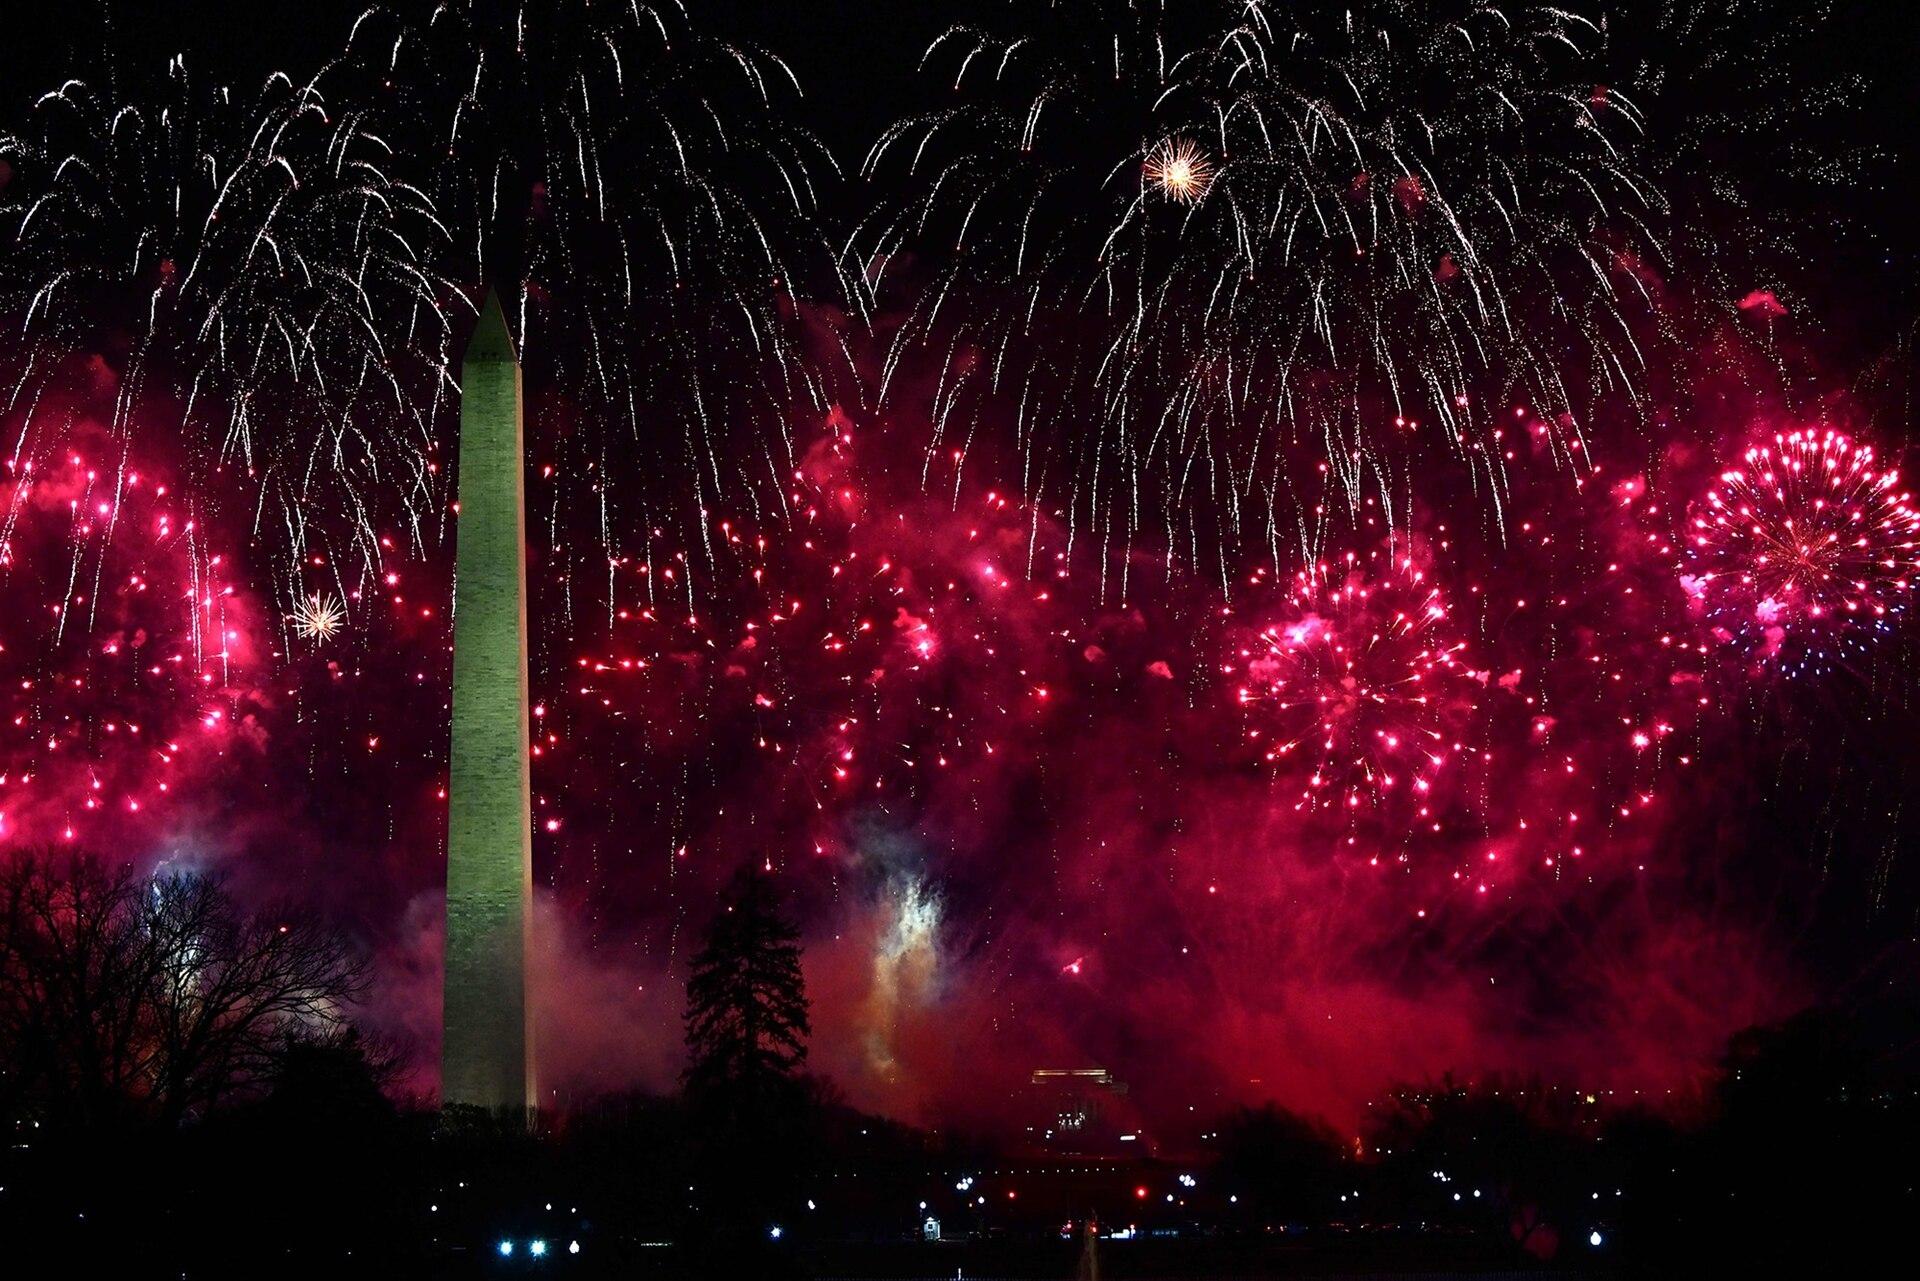 Los fuegos artificiales estallan detrás del Monumento a Washington, vista de cómo se ve desde la Casa Blanca en Washington